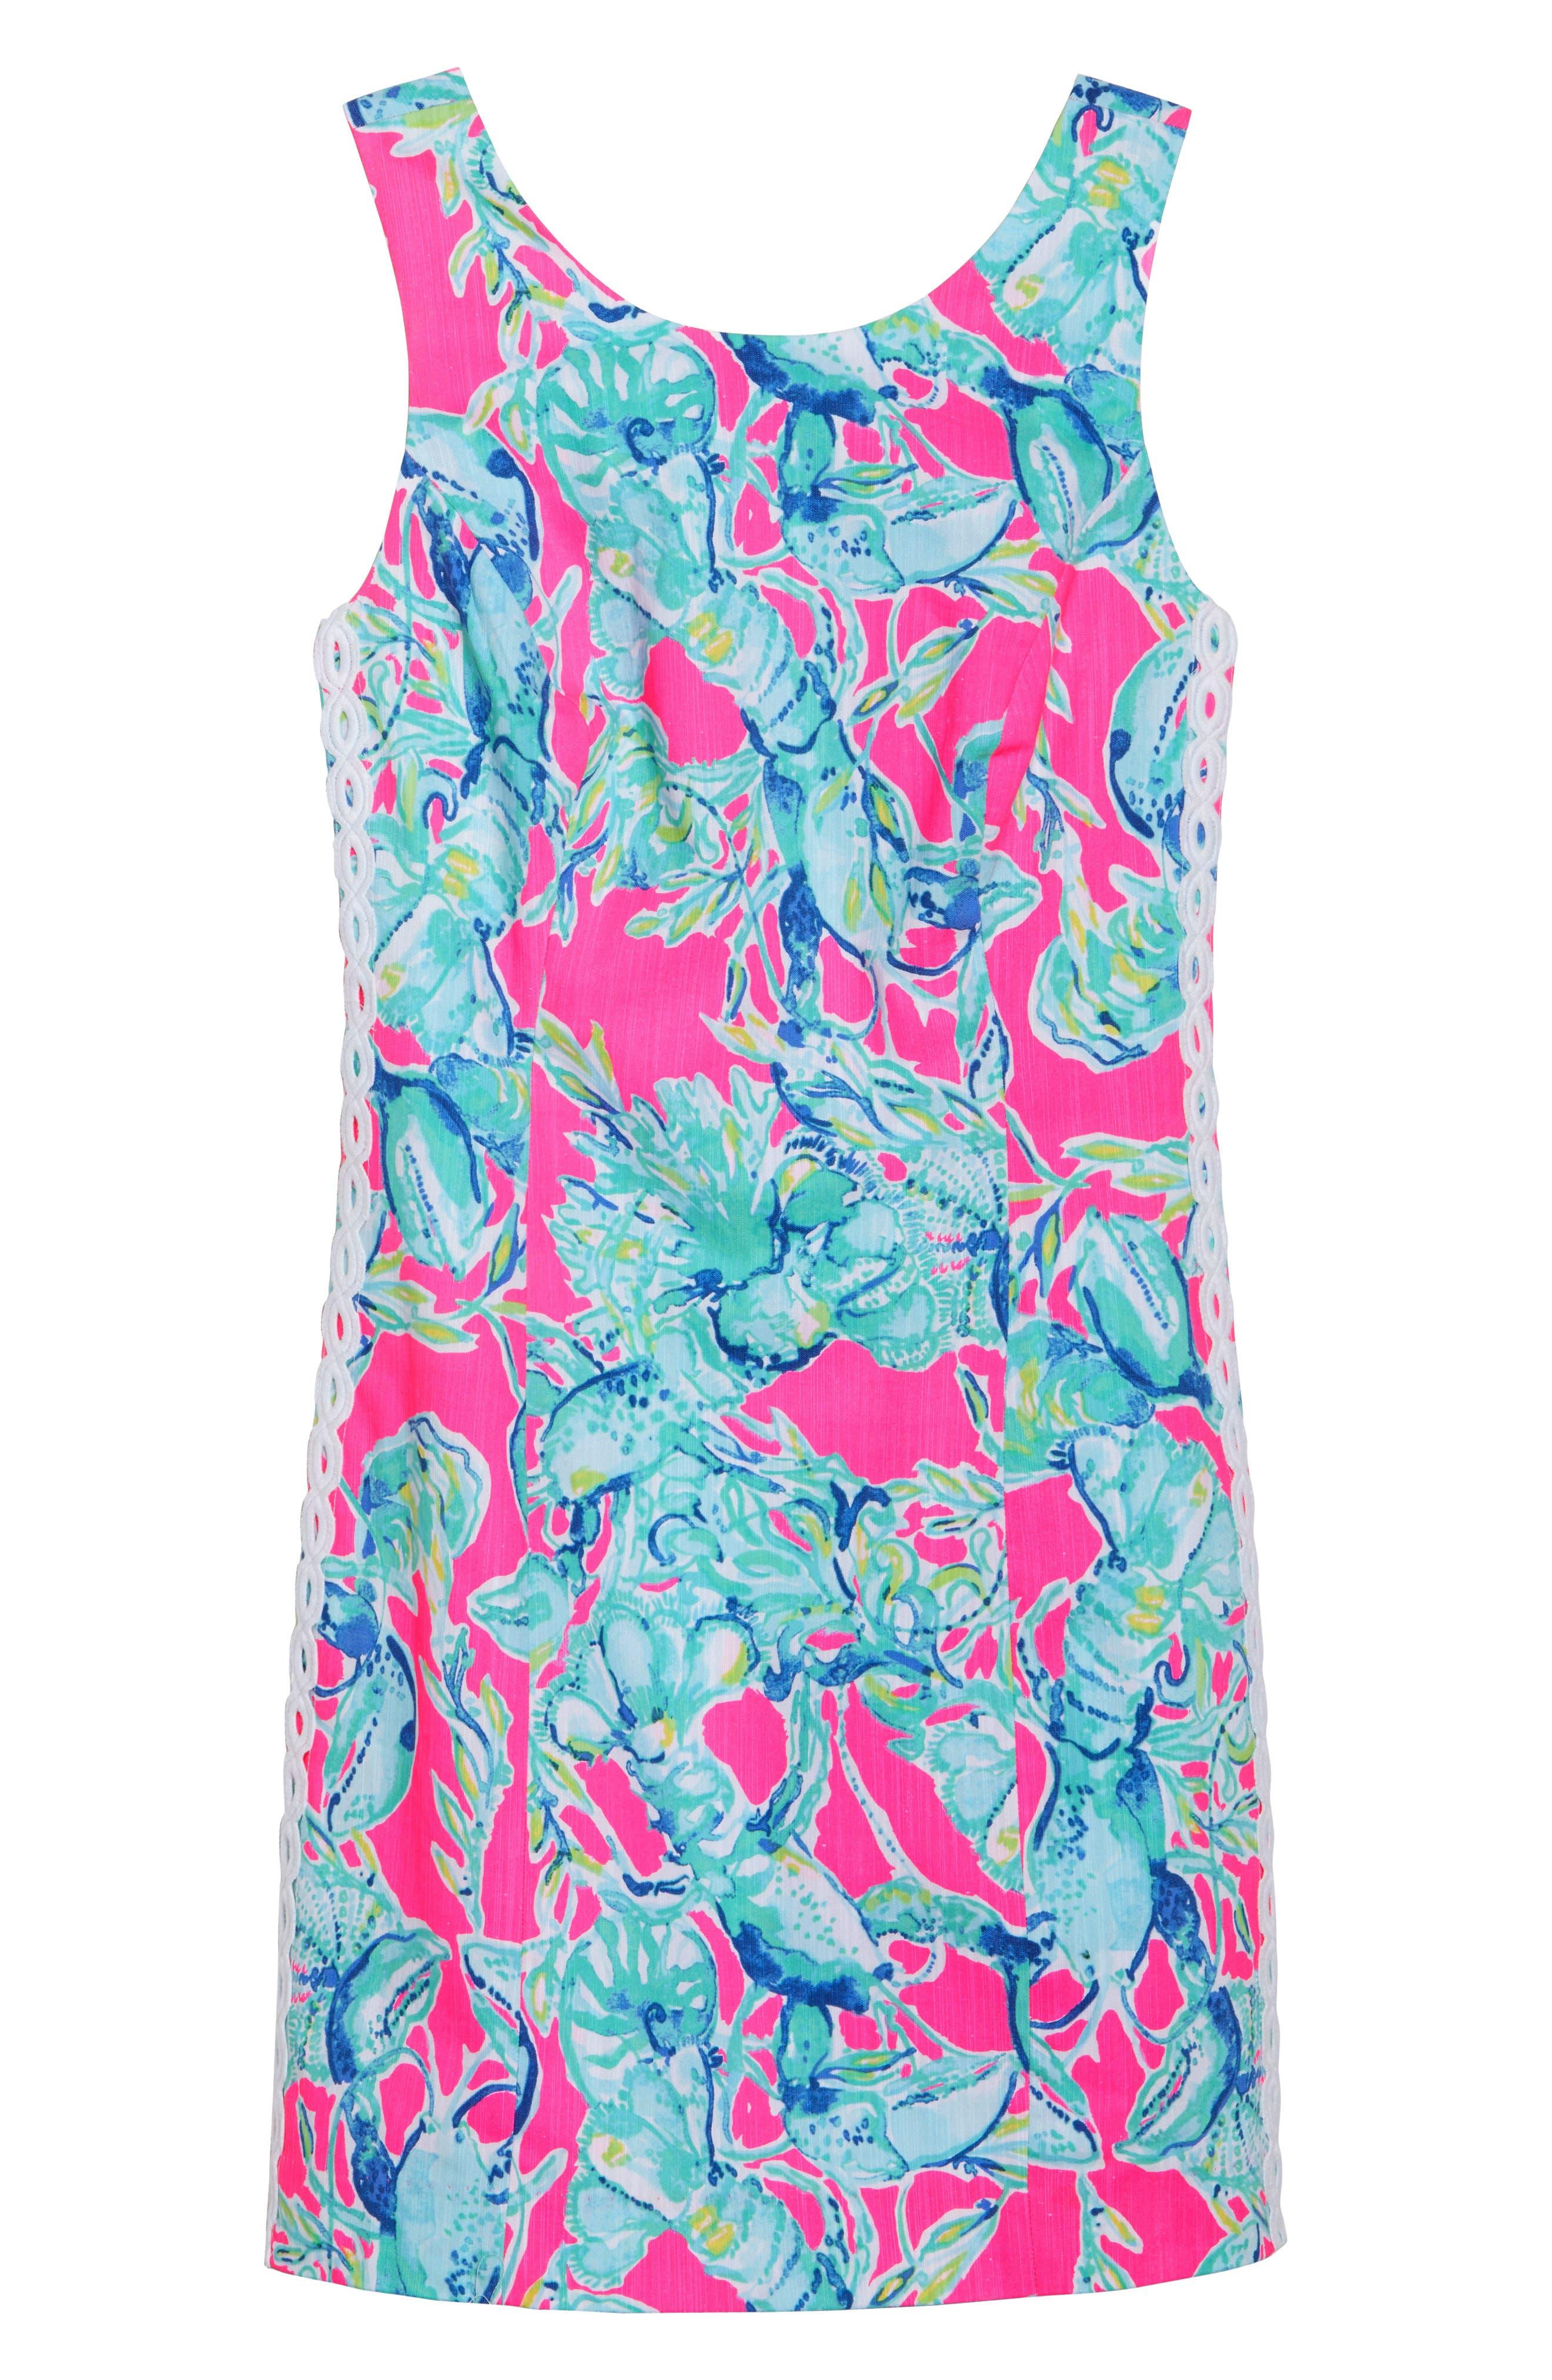 Mila Sheath Dress,                             Alternate thumbnail 8, color,                             655